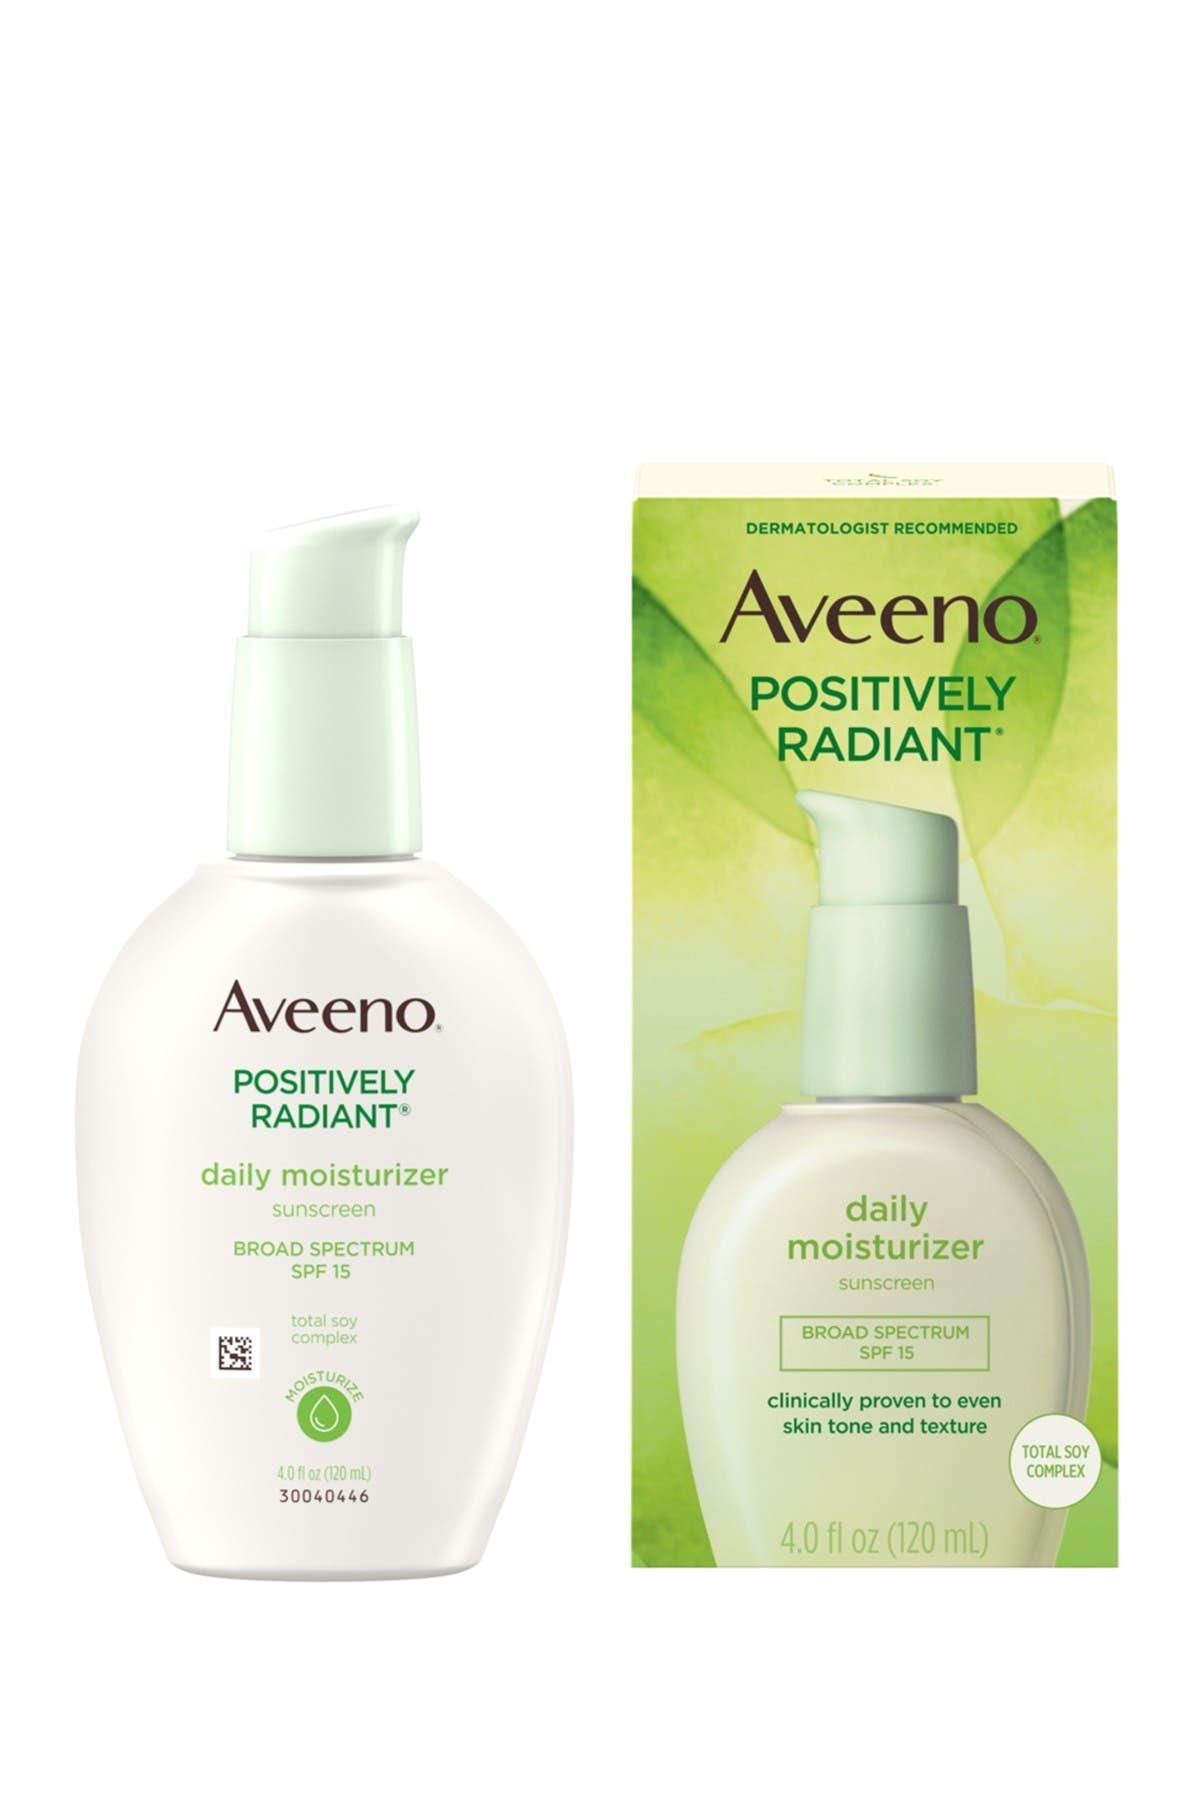 Image of Aveeno Positively Radiant Moisturizer with SPF 15 - 4 oz